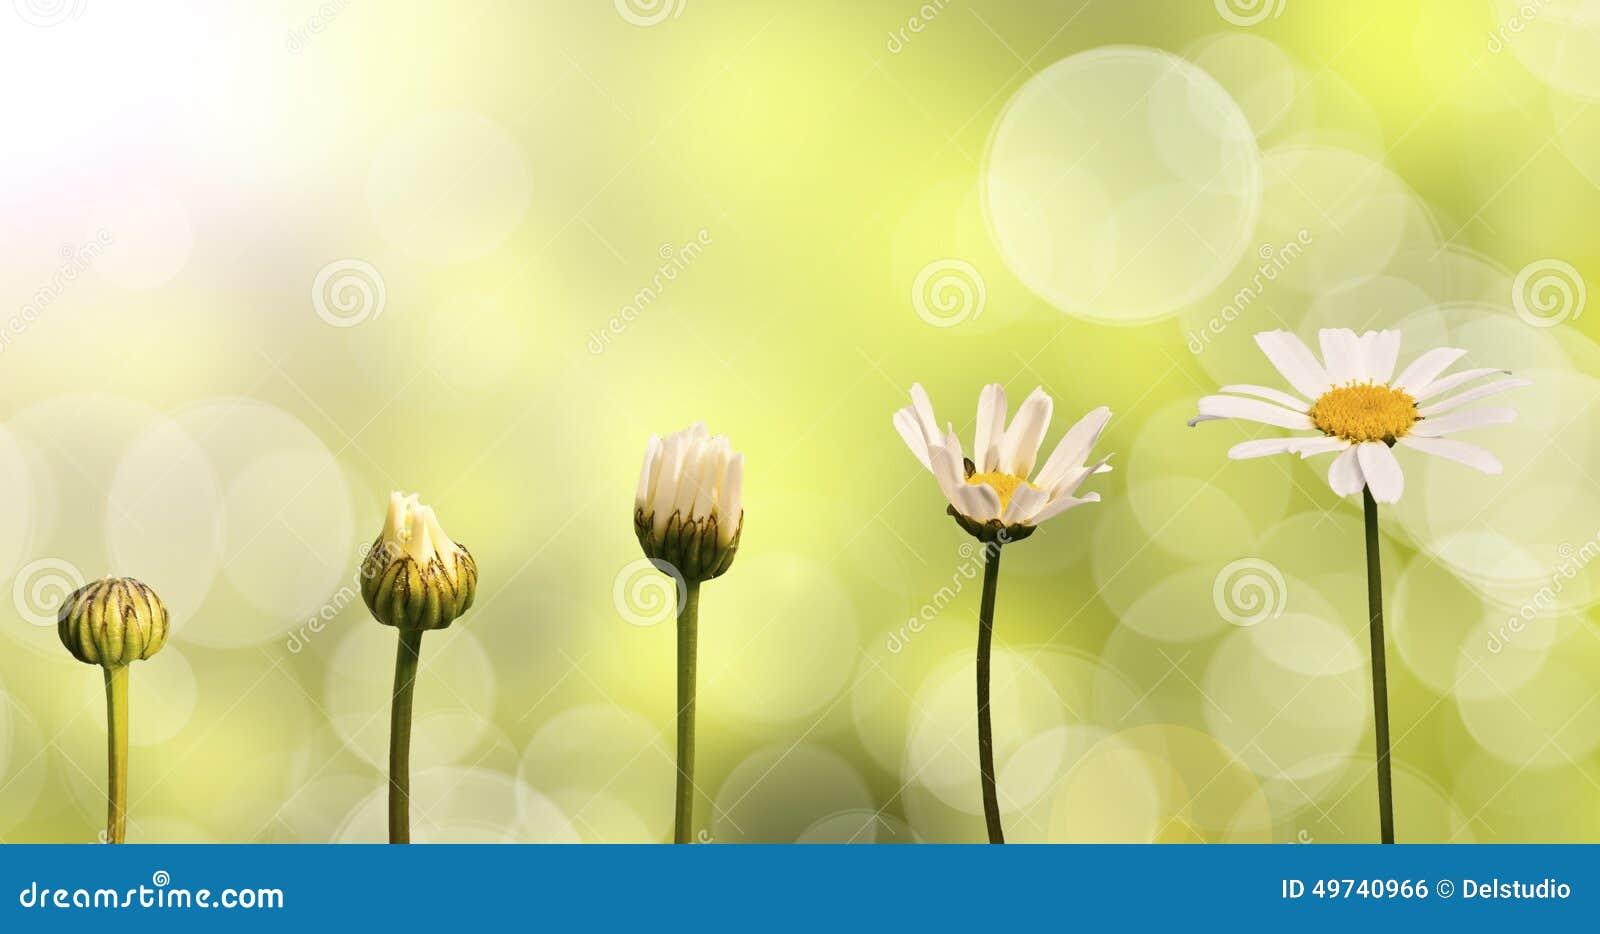 Gänseblümchen auf grünem Naturhintergrund